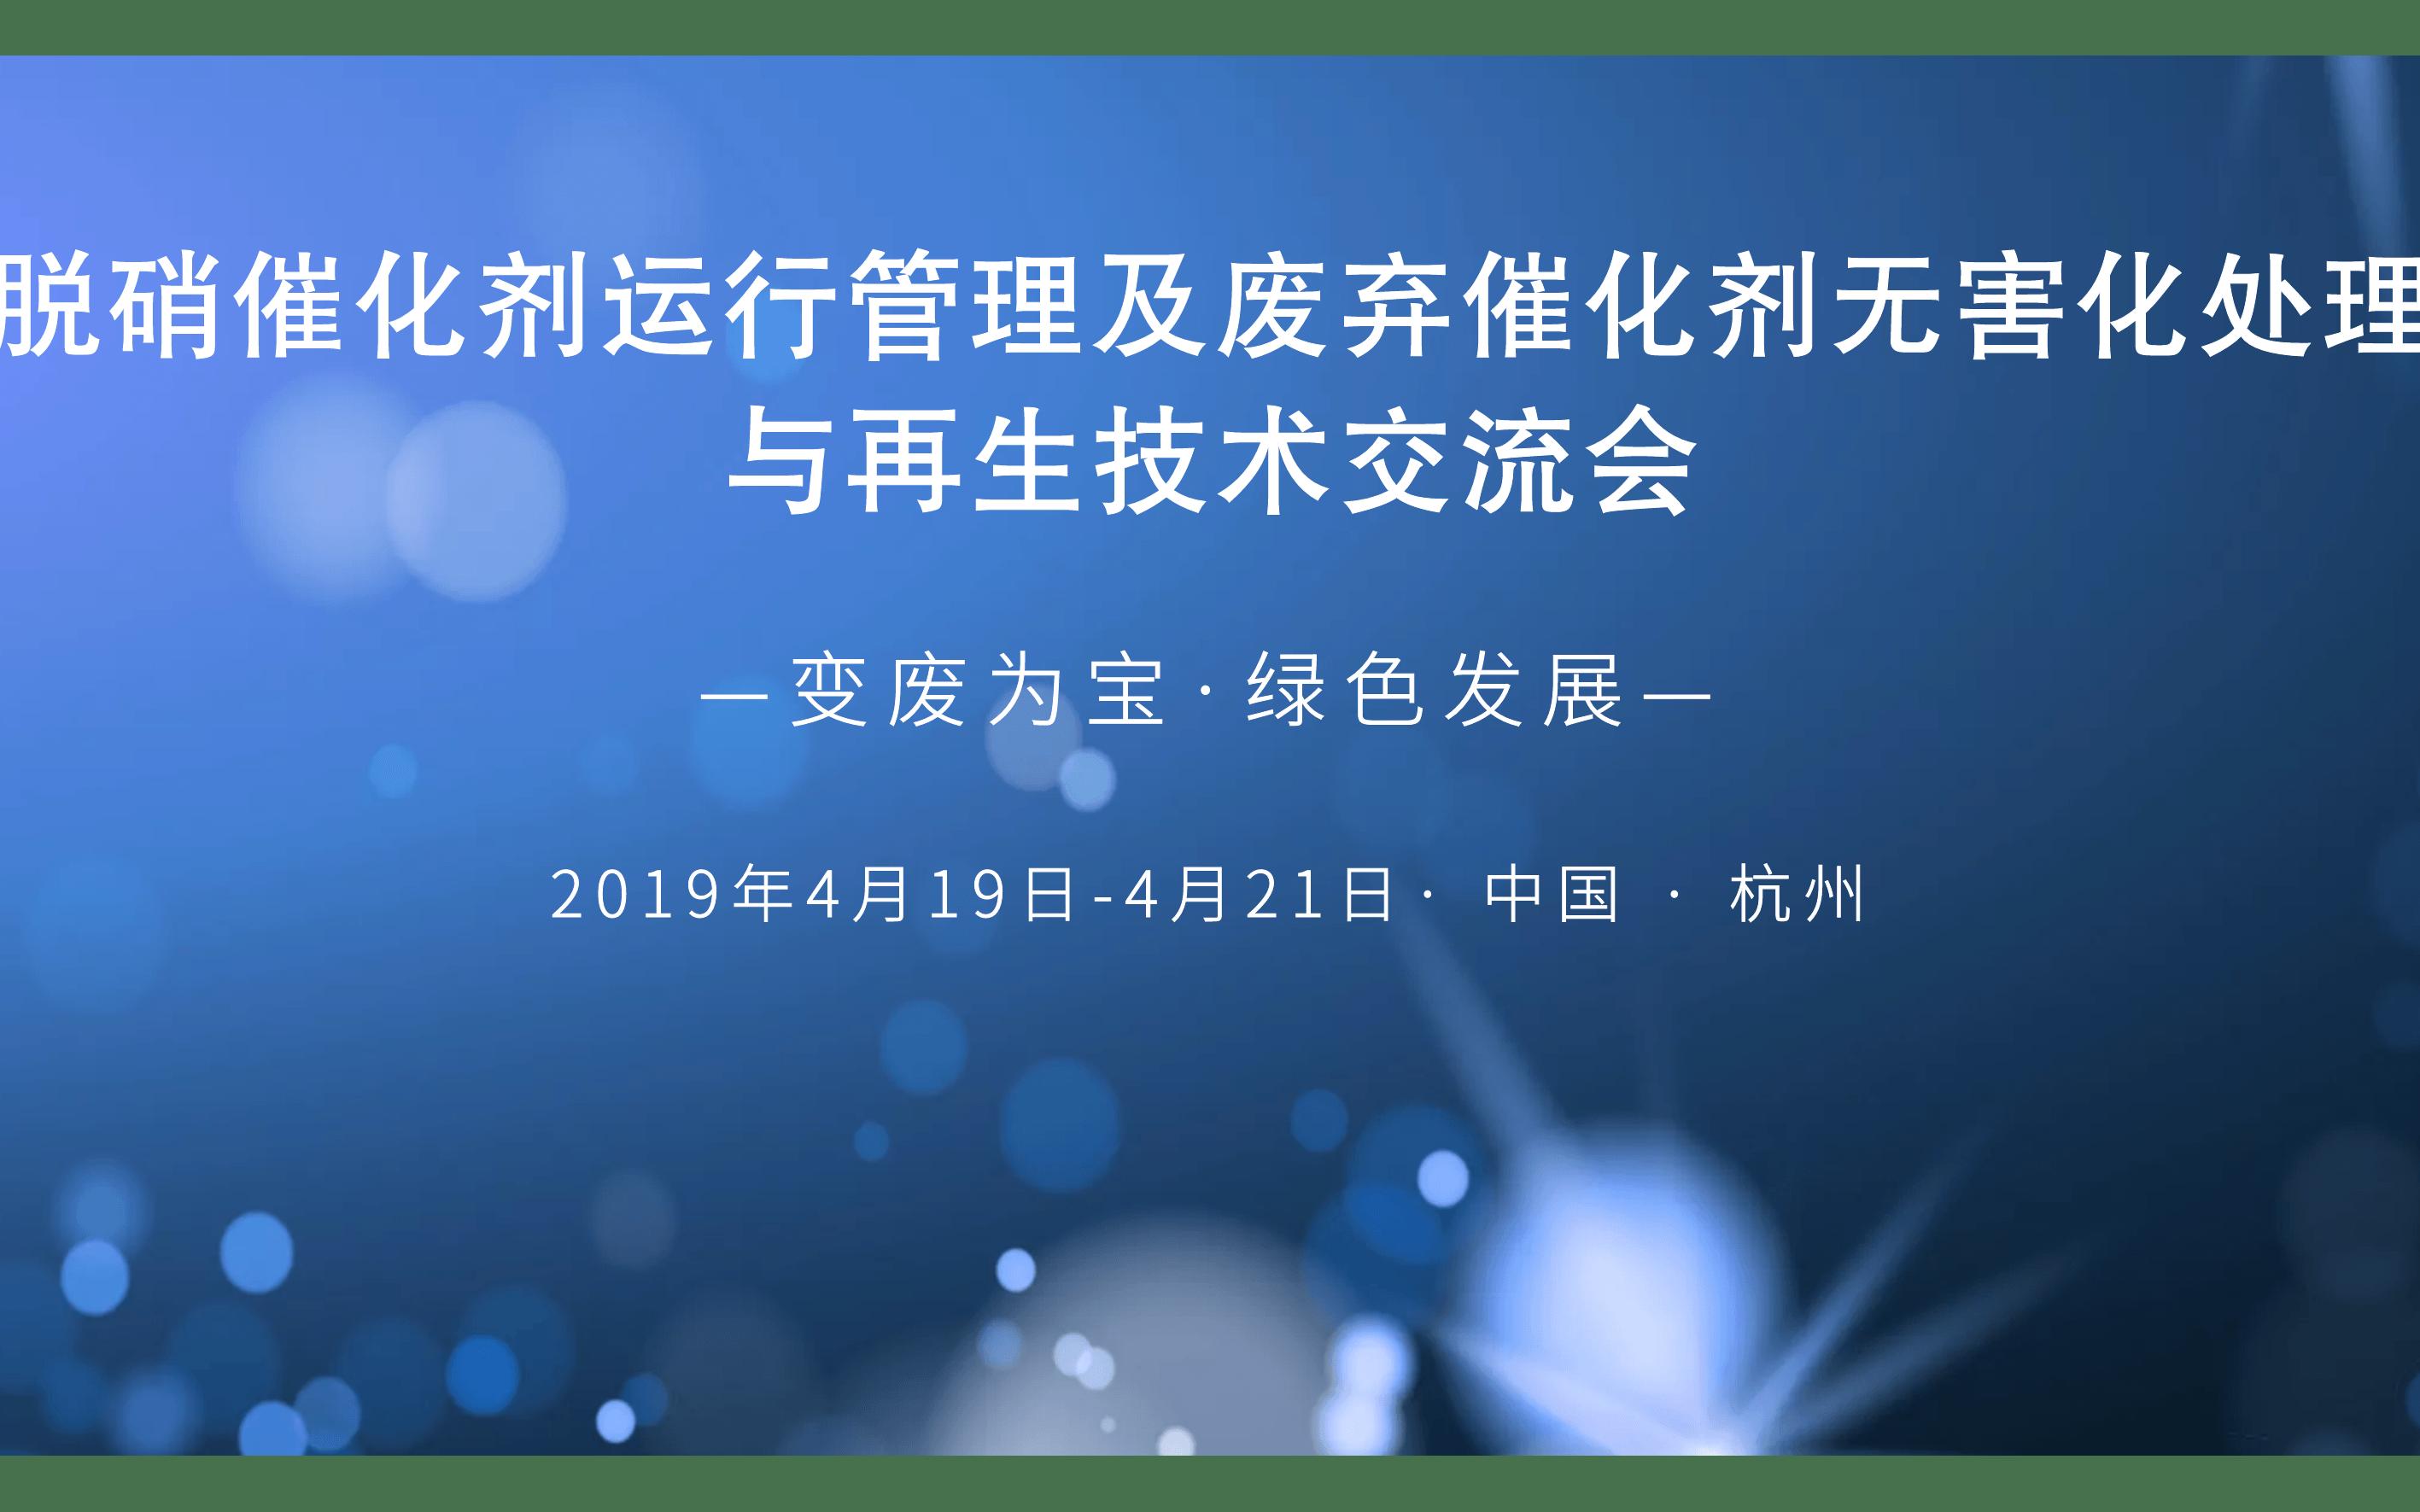 2019脱硝催化剂运行管理及废弃催化剂无害化处理与再生技术交流会(杭州)